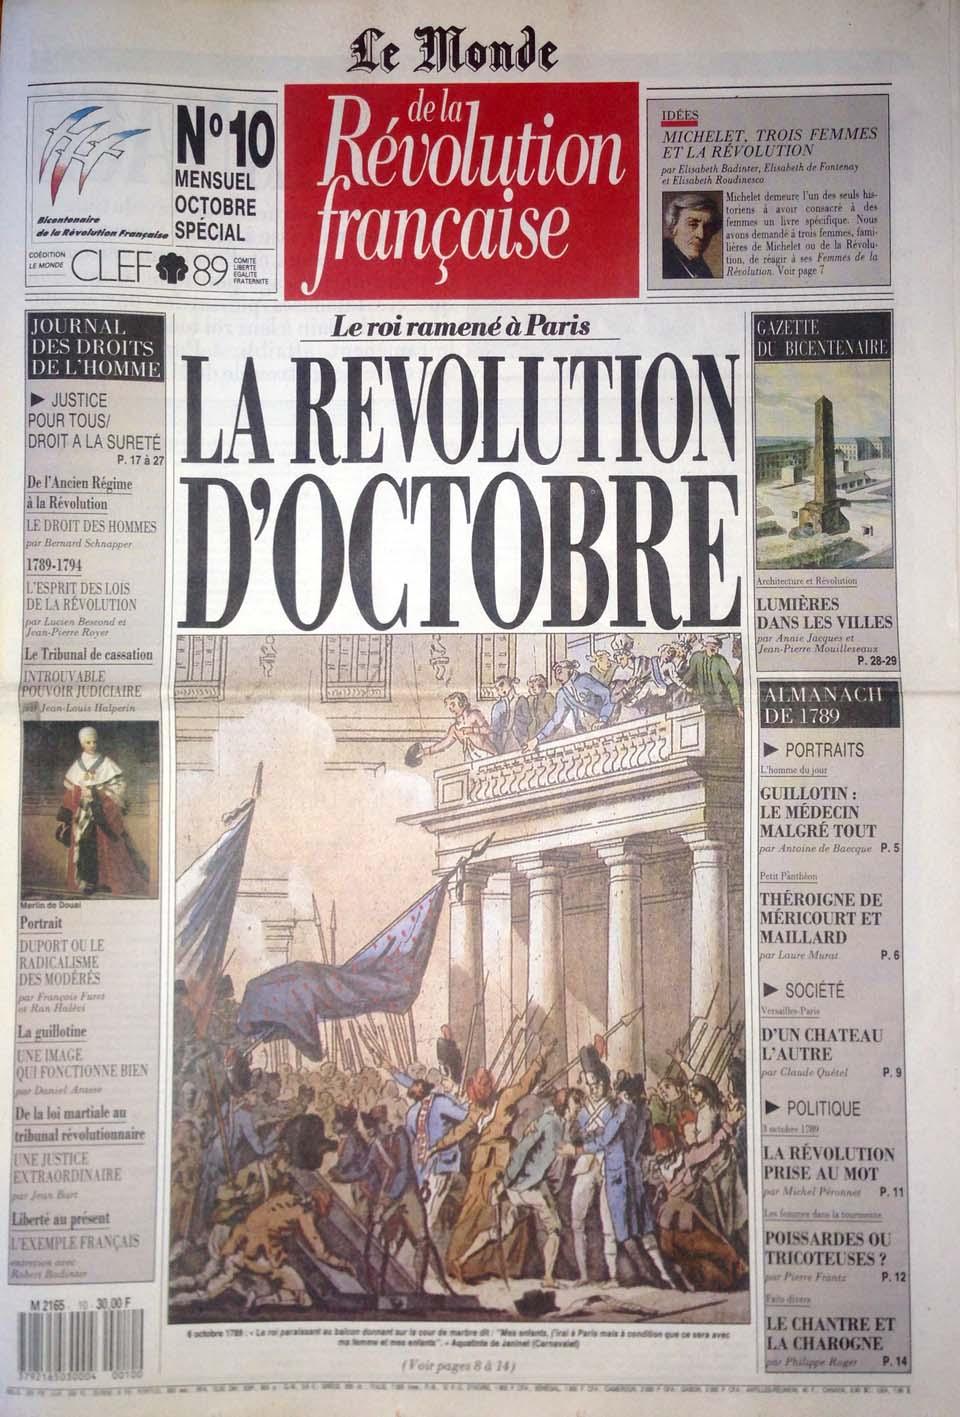 Giornale di Radio Revolution Française N°10